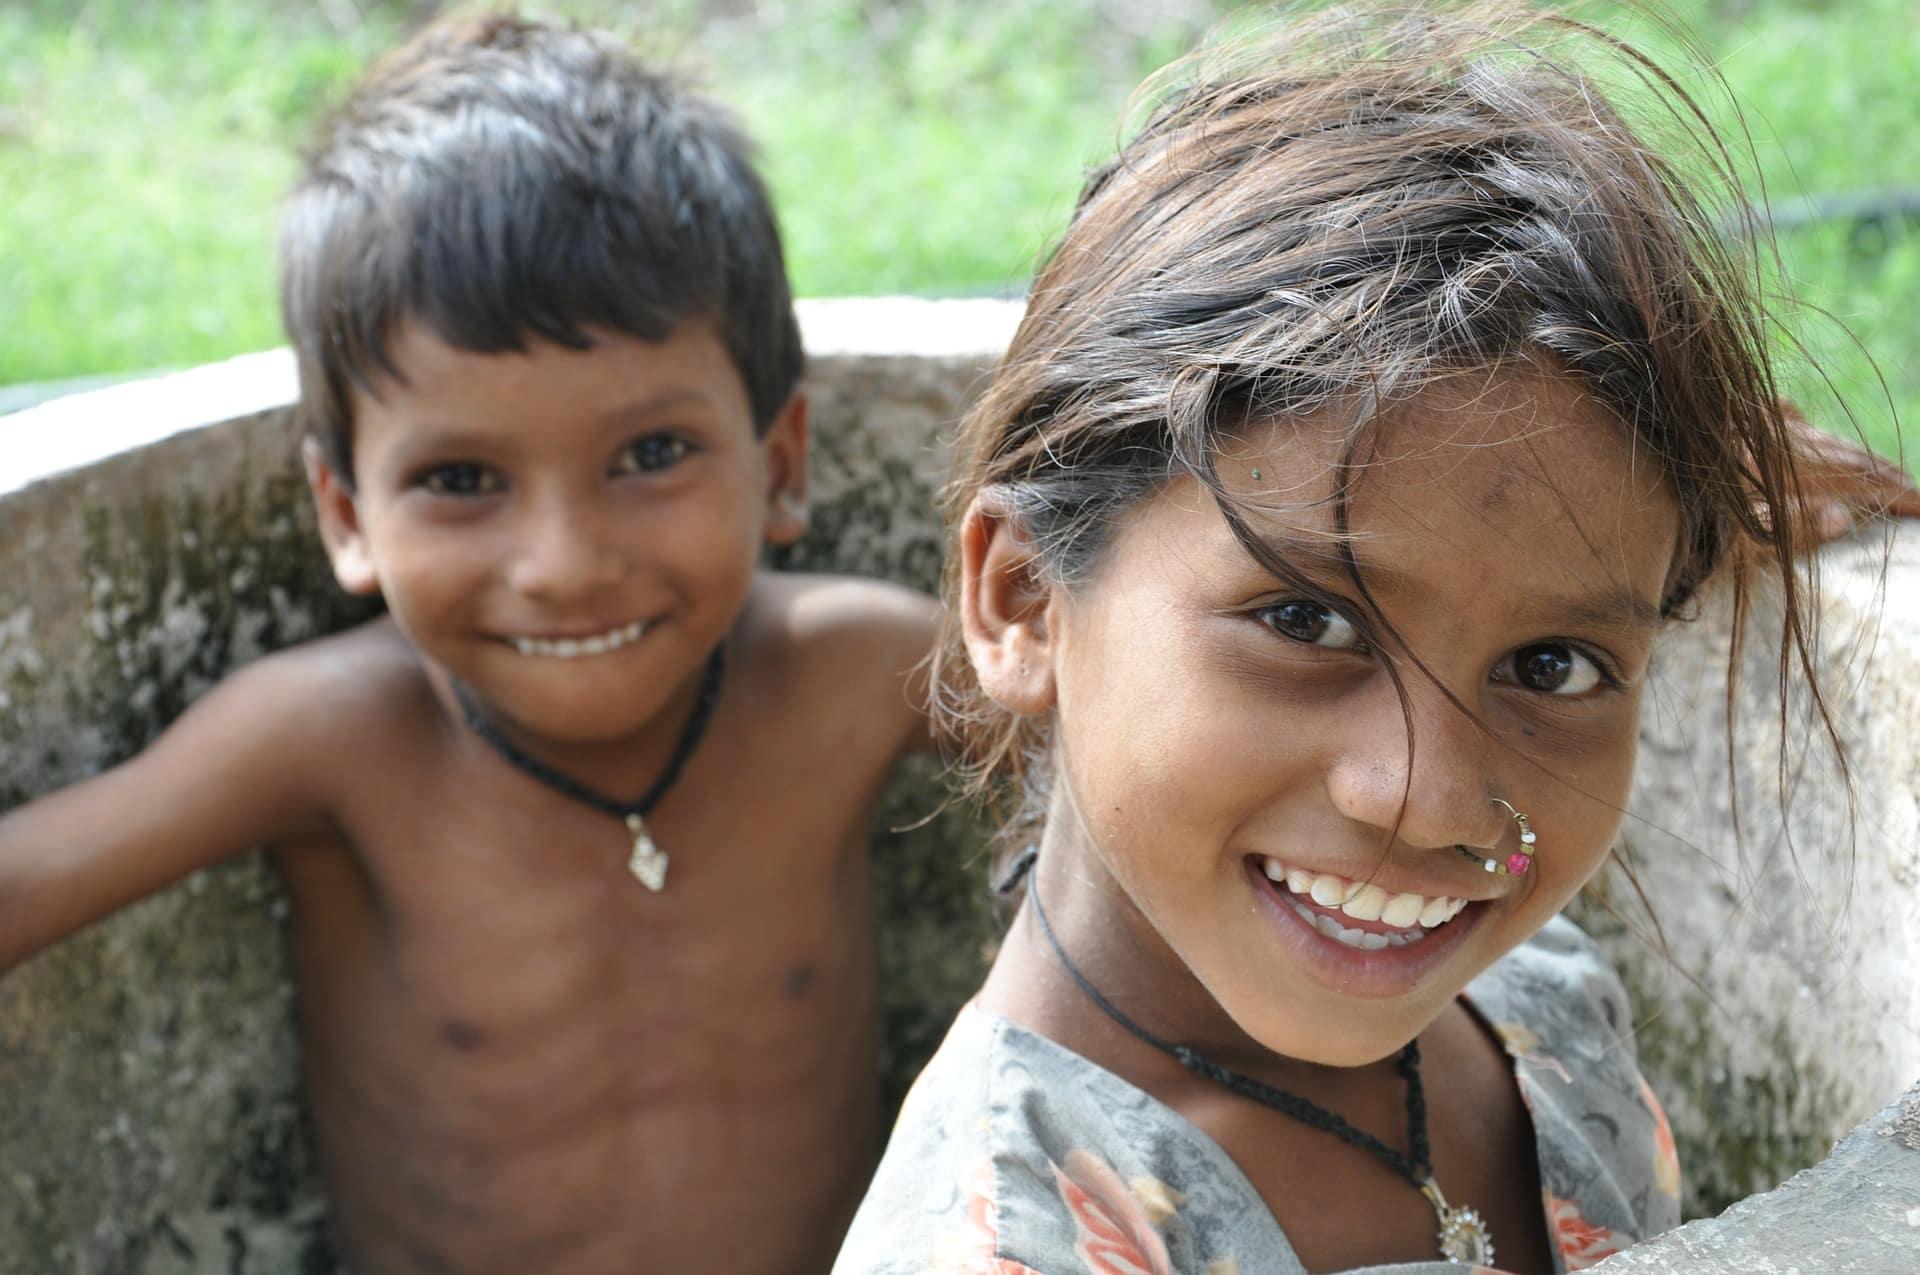 Volontariato Internazionale in India nell'insegnamento ai bambini